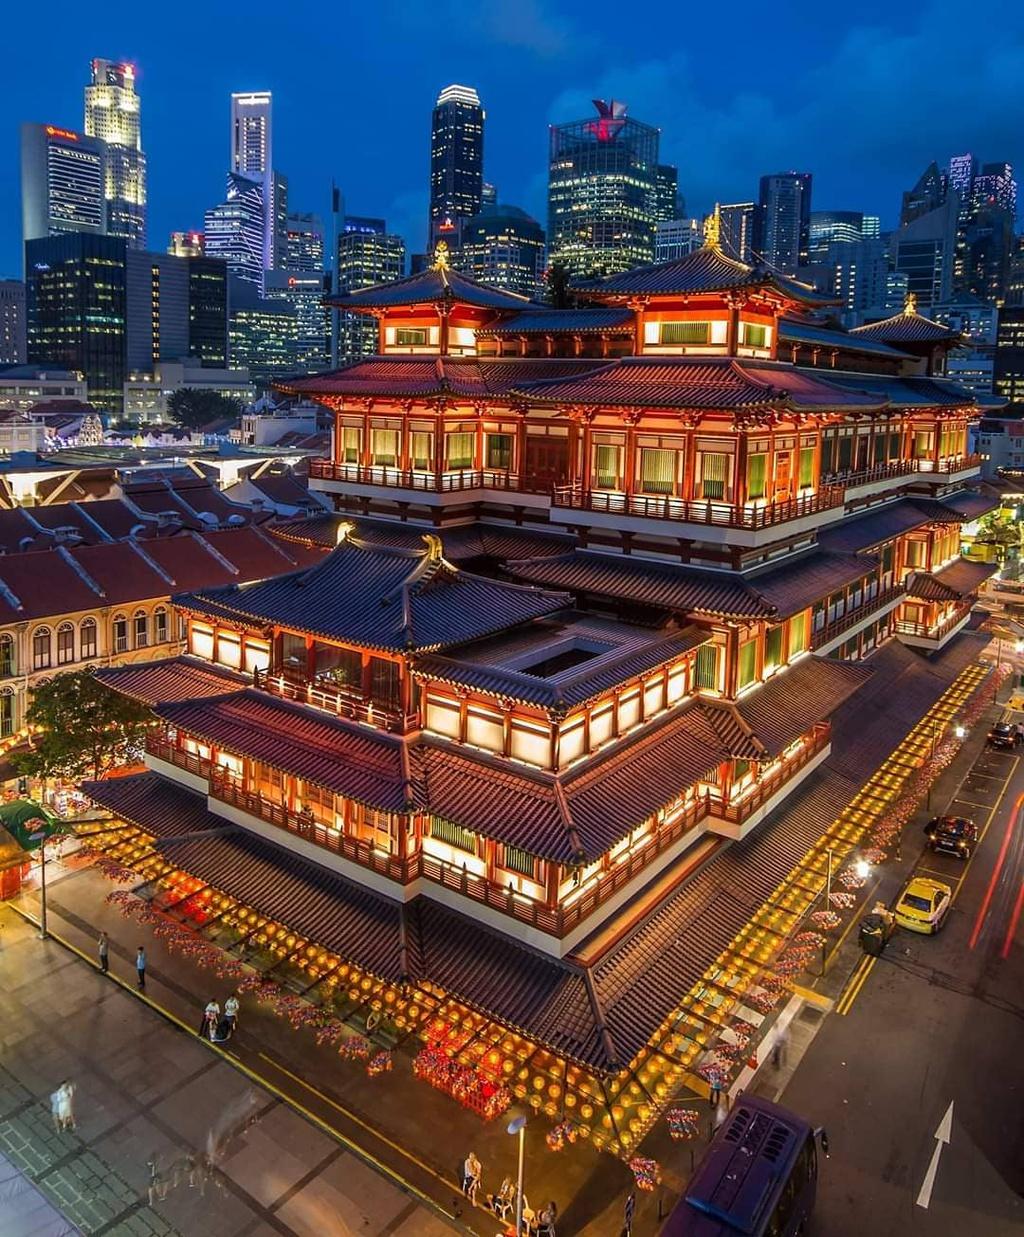 Chùa Phật Nha, ngôi chùa 46 triệu USD ở Singapore – iVIVU.com